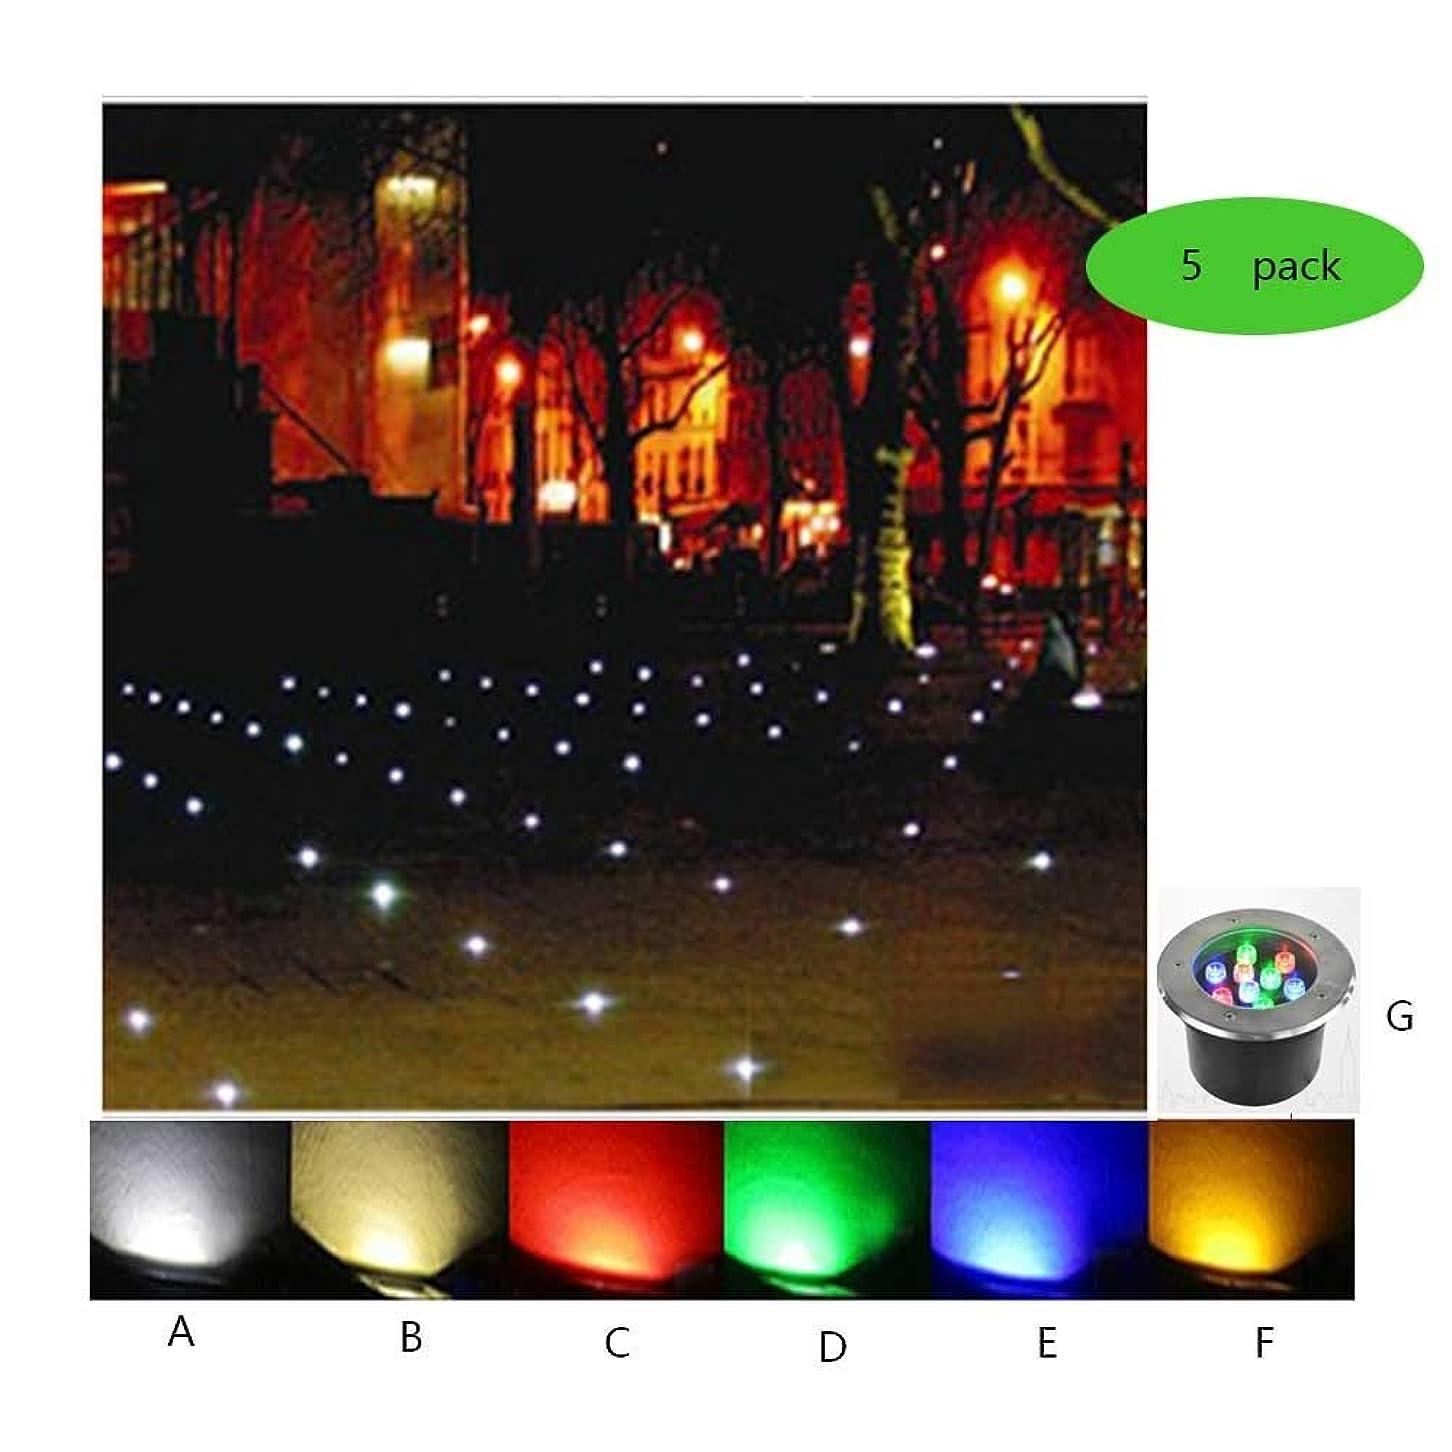 劣る動機付ける問い合わせるAMDHZ 落地灯 LEDデッキライト防水IP65 220V省エネ芝生パティオ埋め込み、7色、9パワー、5パック (Color : D, Size : 3W)